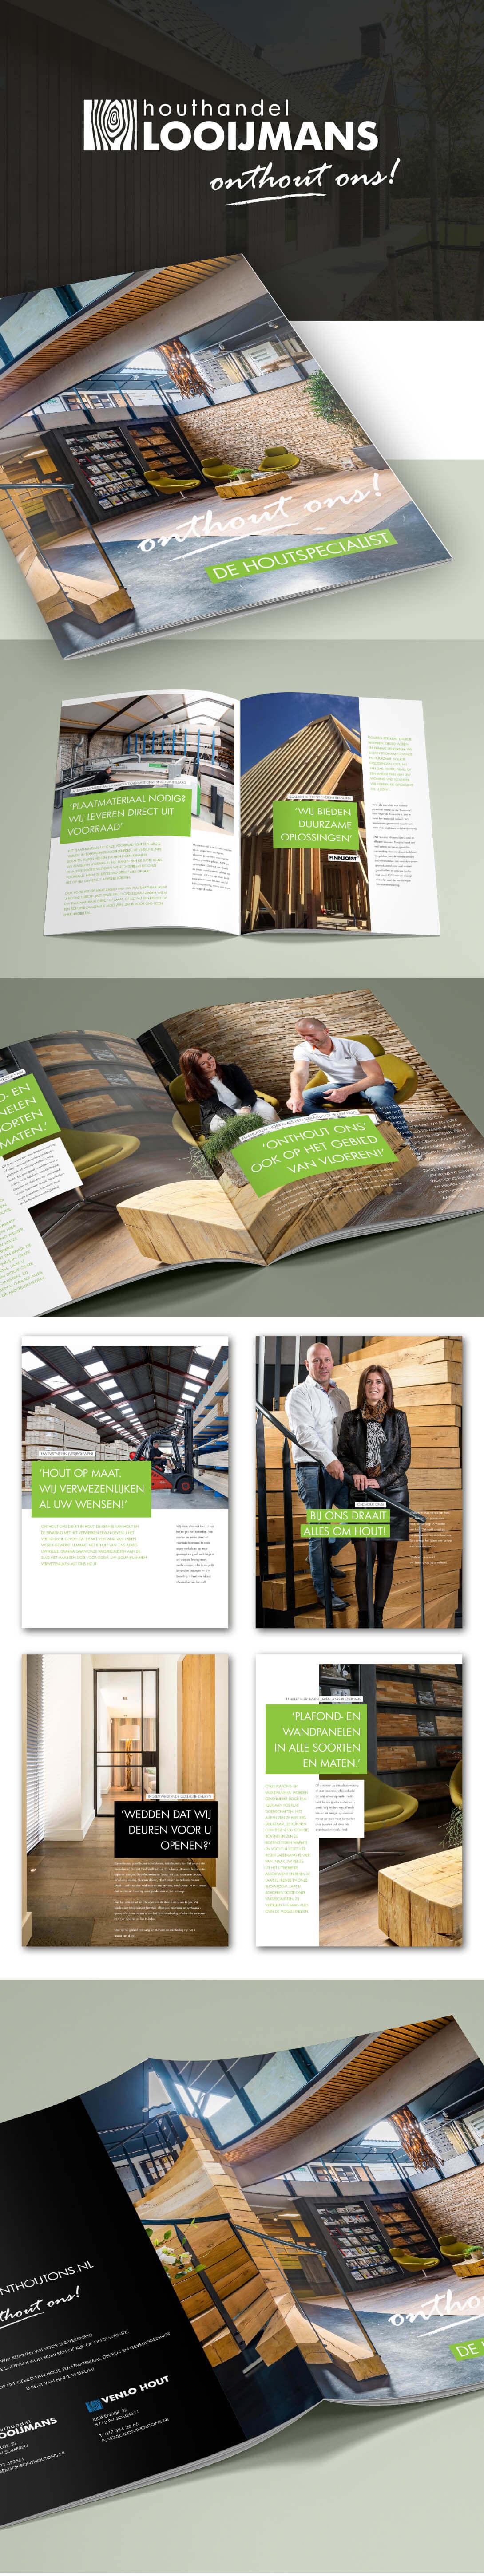 Houthandel_Looijmans_onthoutons_brochure_ontwerp_huisstijl_langeafbeelding3